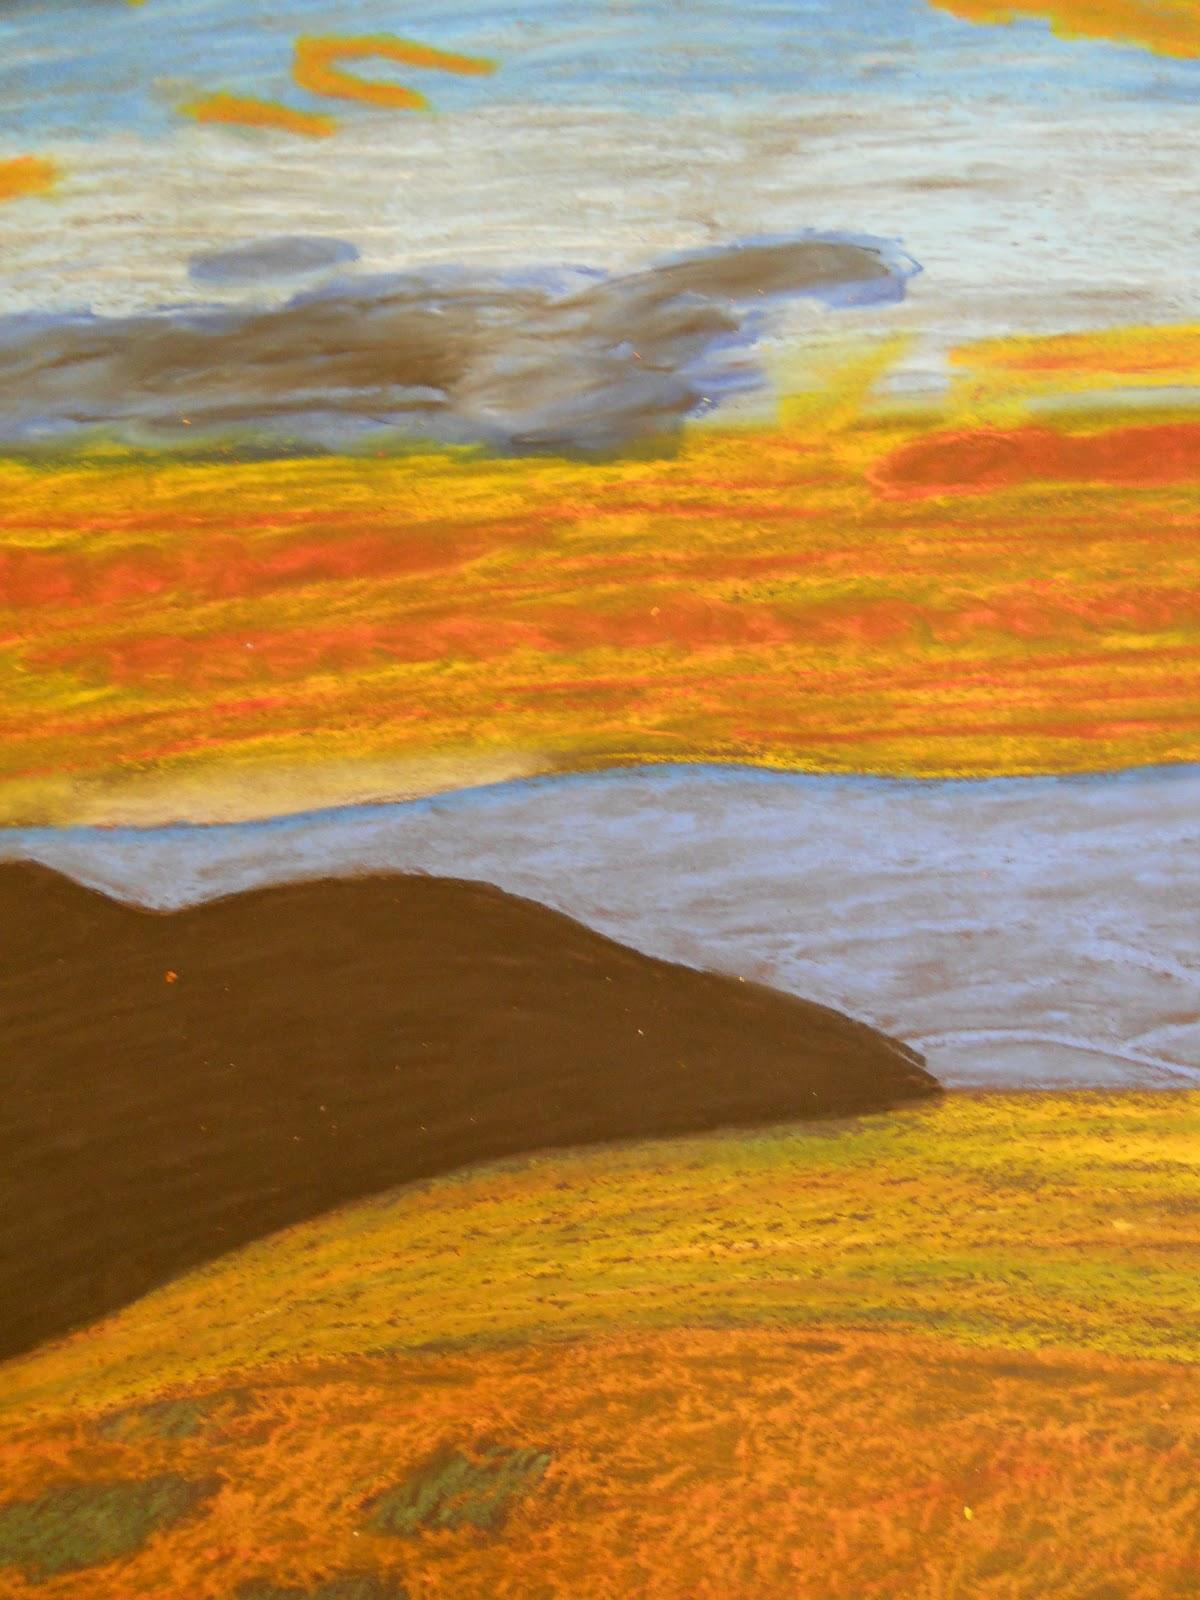 Landscape Art Projects